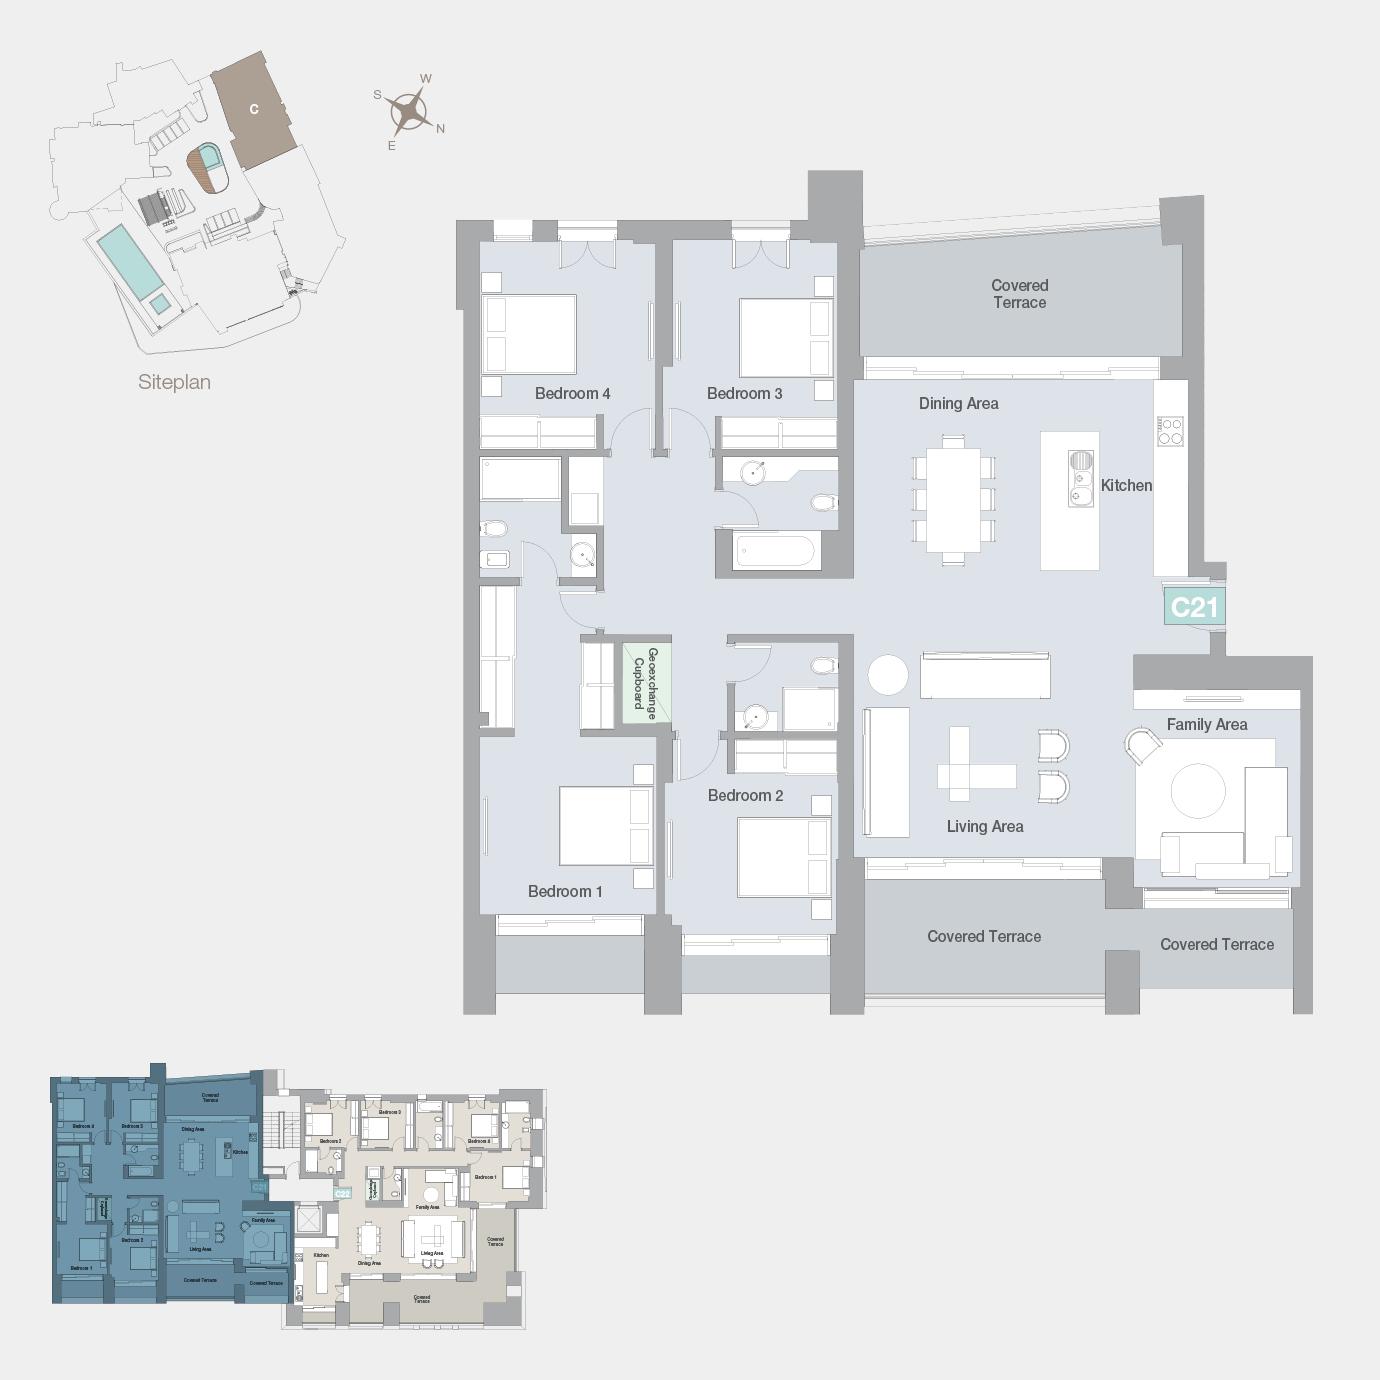 LM_Castle_Residences_C21